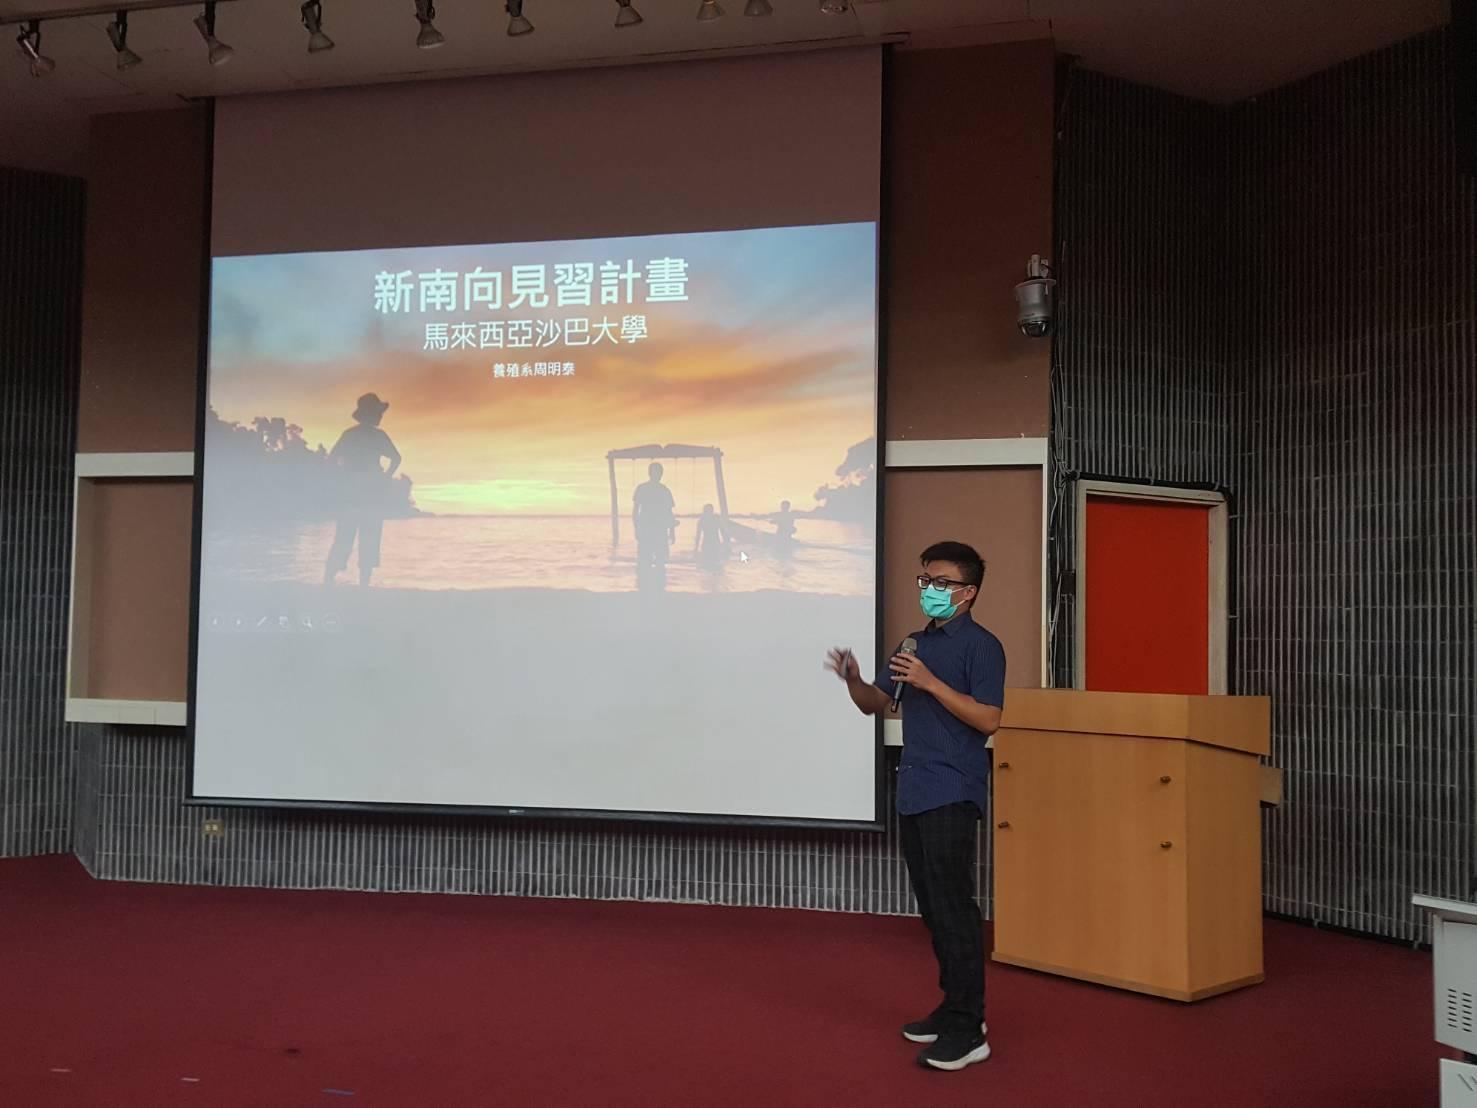 學生赴國外短期研修說明暨成果發表會